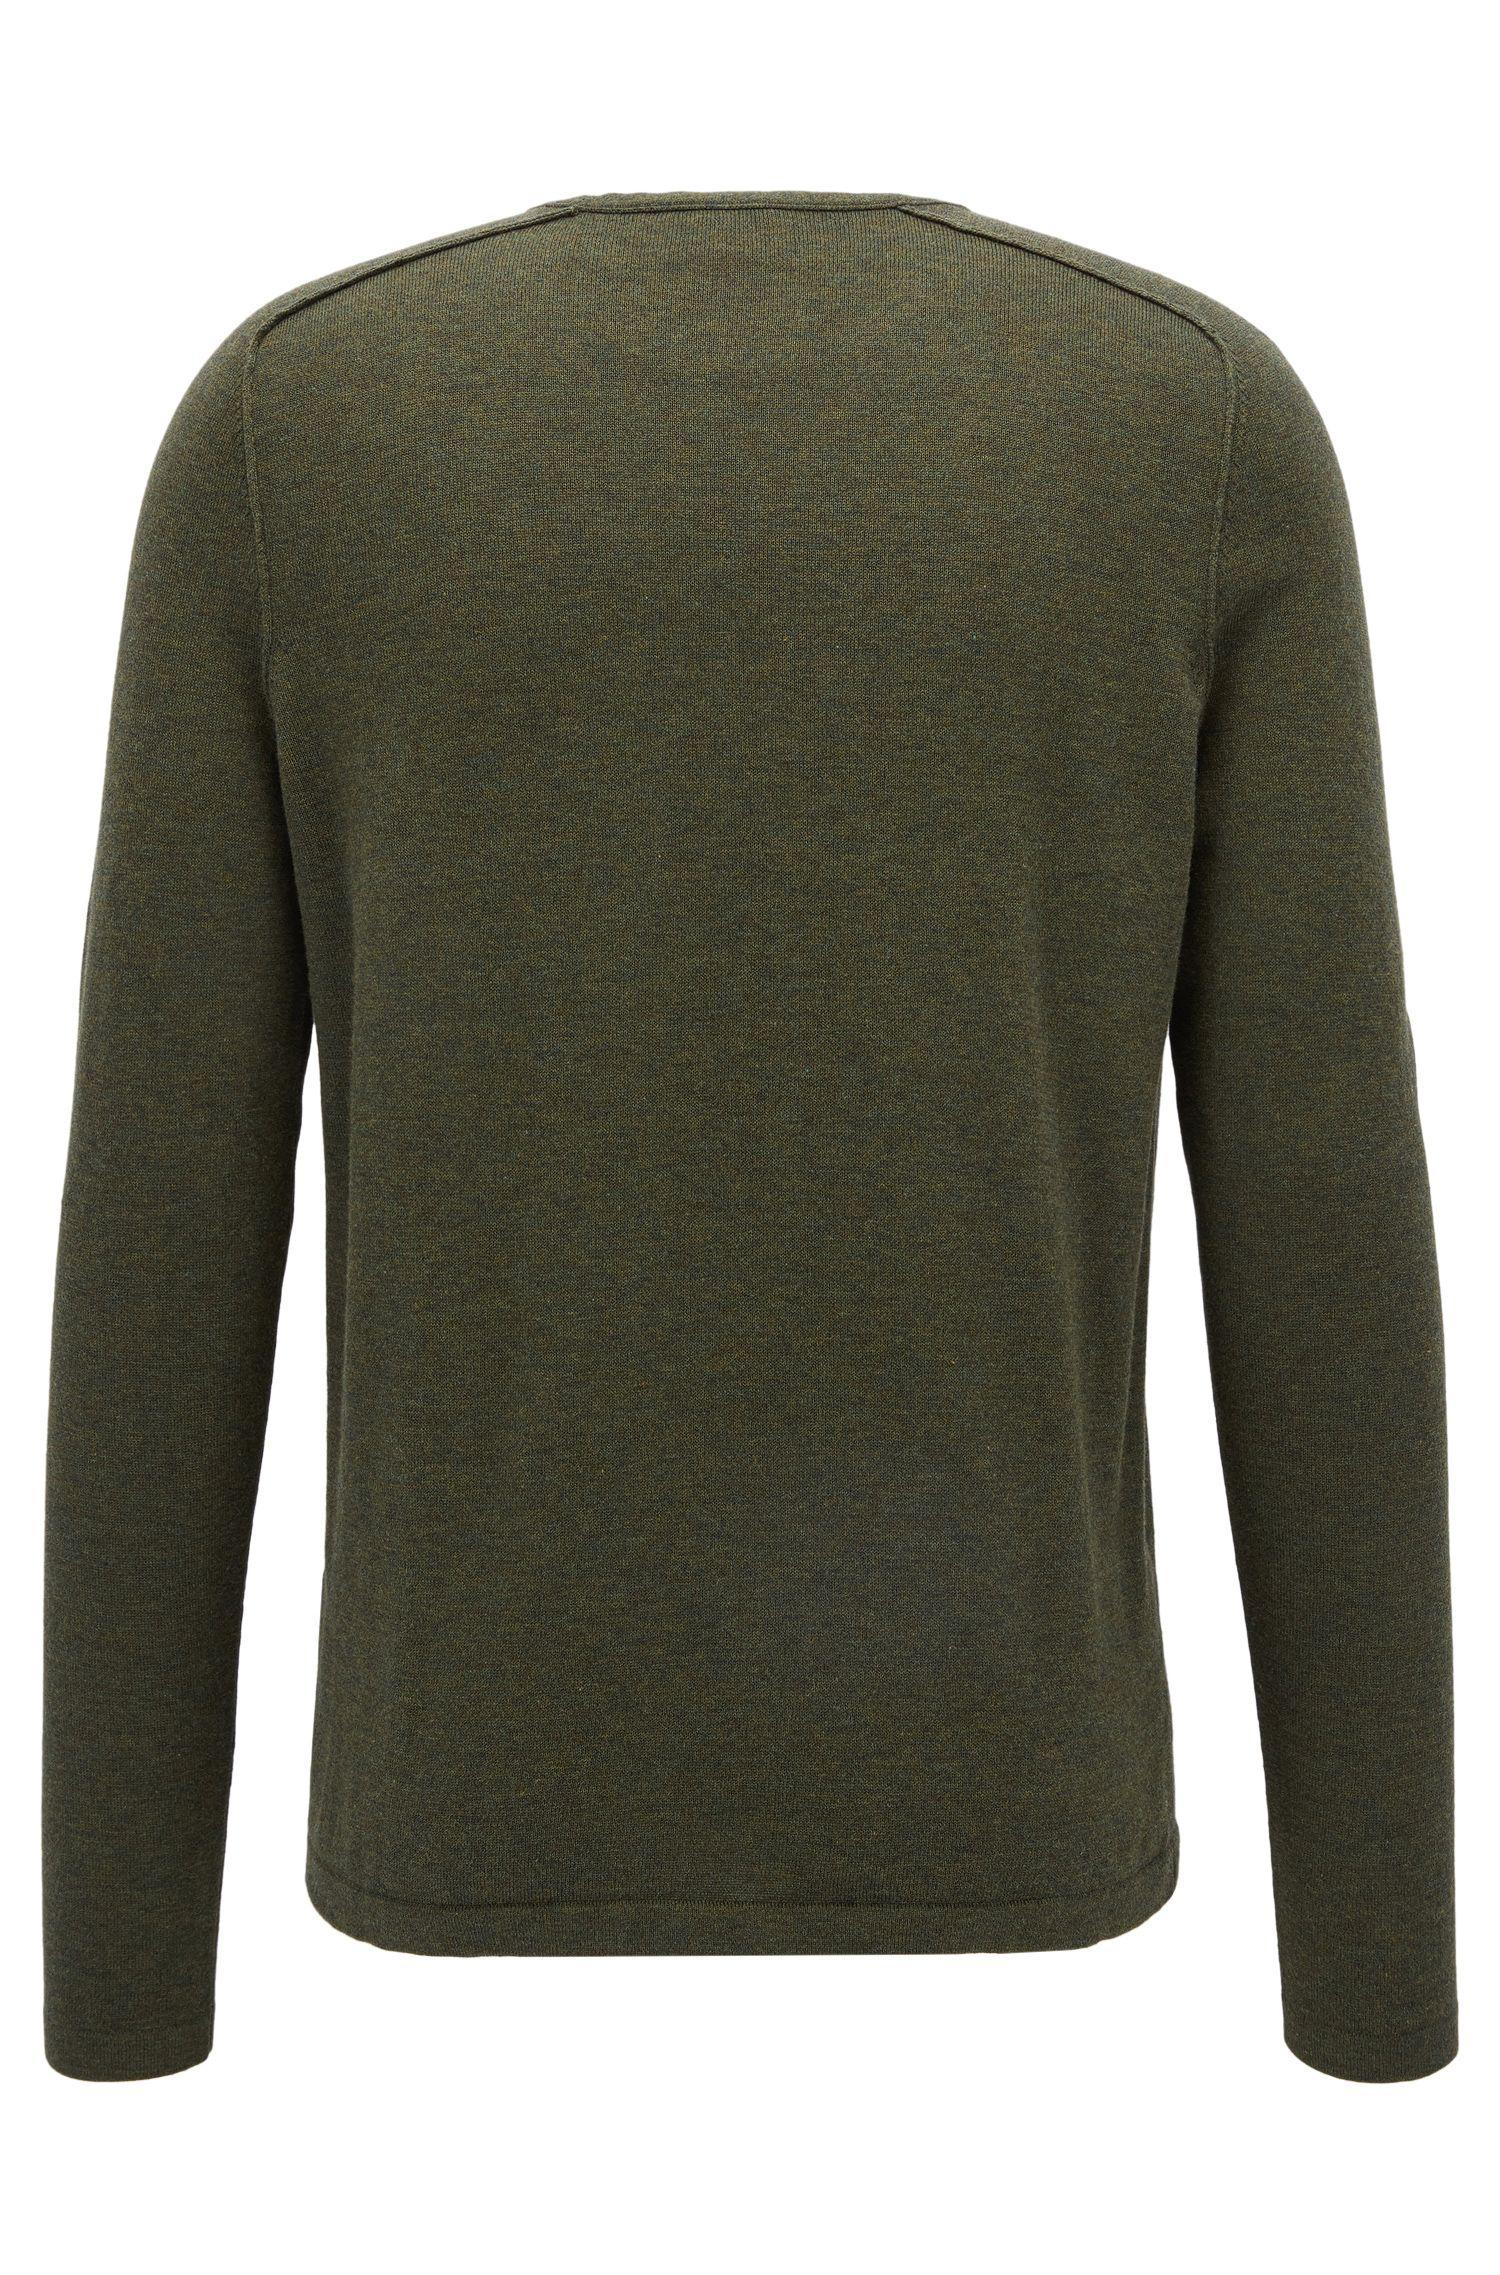 Pullover aus gestrickter Baumwolle mit Paspel-Details